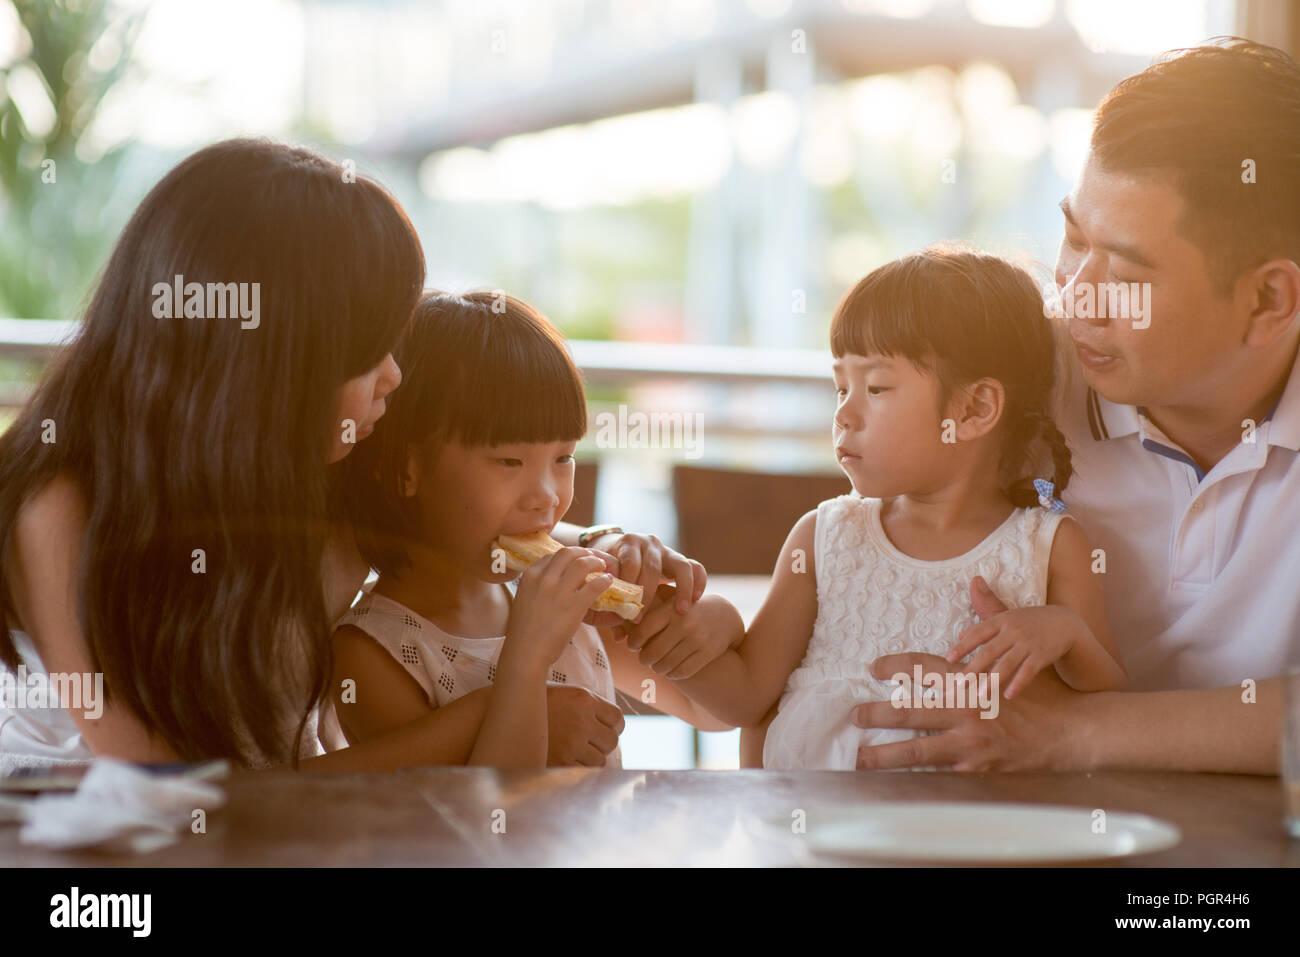 L'alimentation des enfants et le partage du pain pour le cafétéria. Vie de plein air famille asiatique avec lumière naturelle. Photo Stock